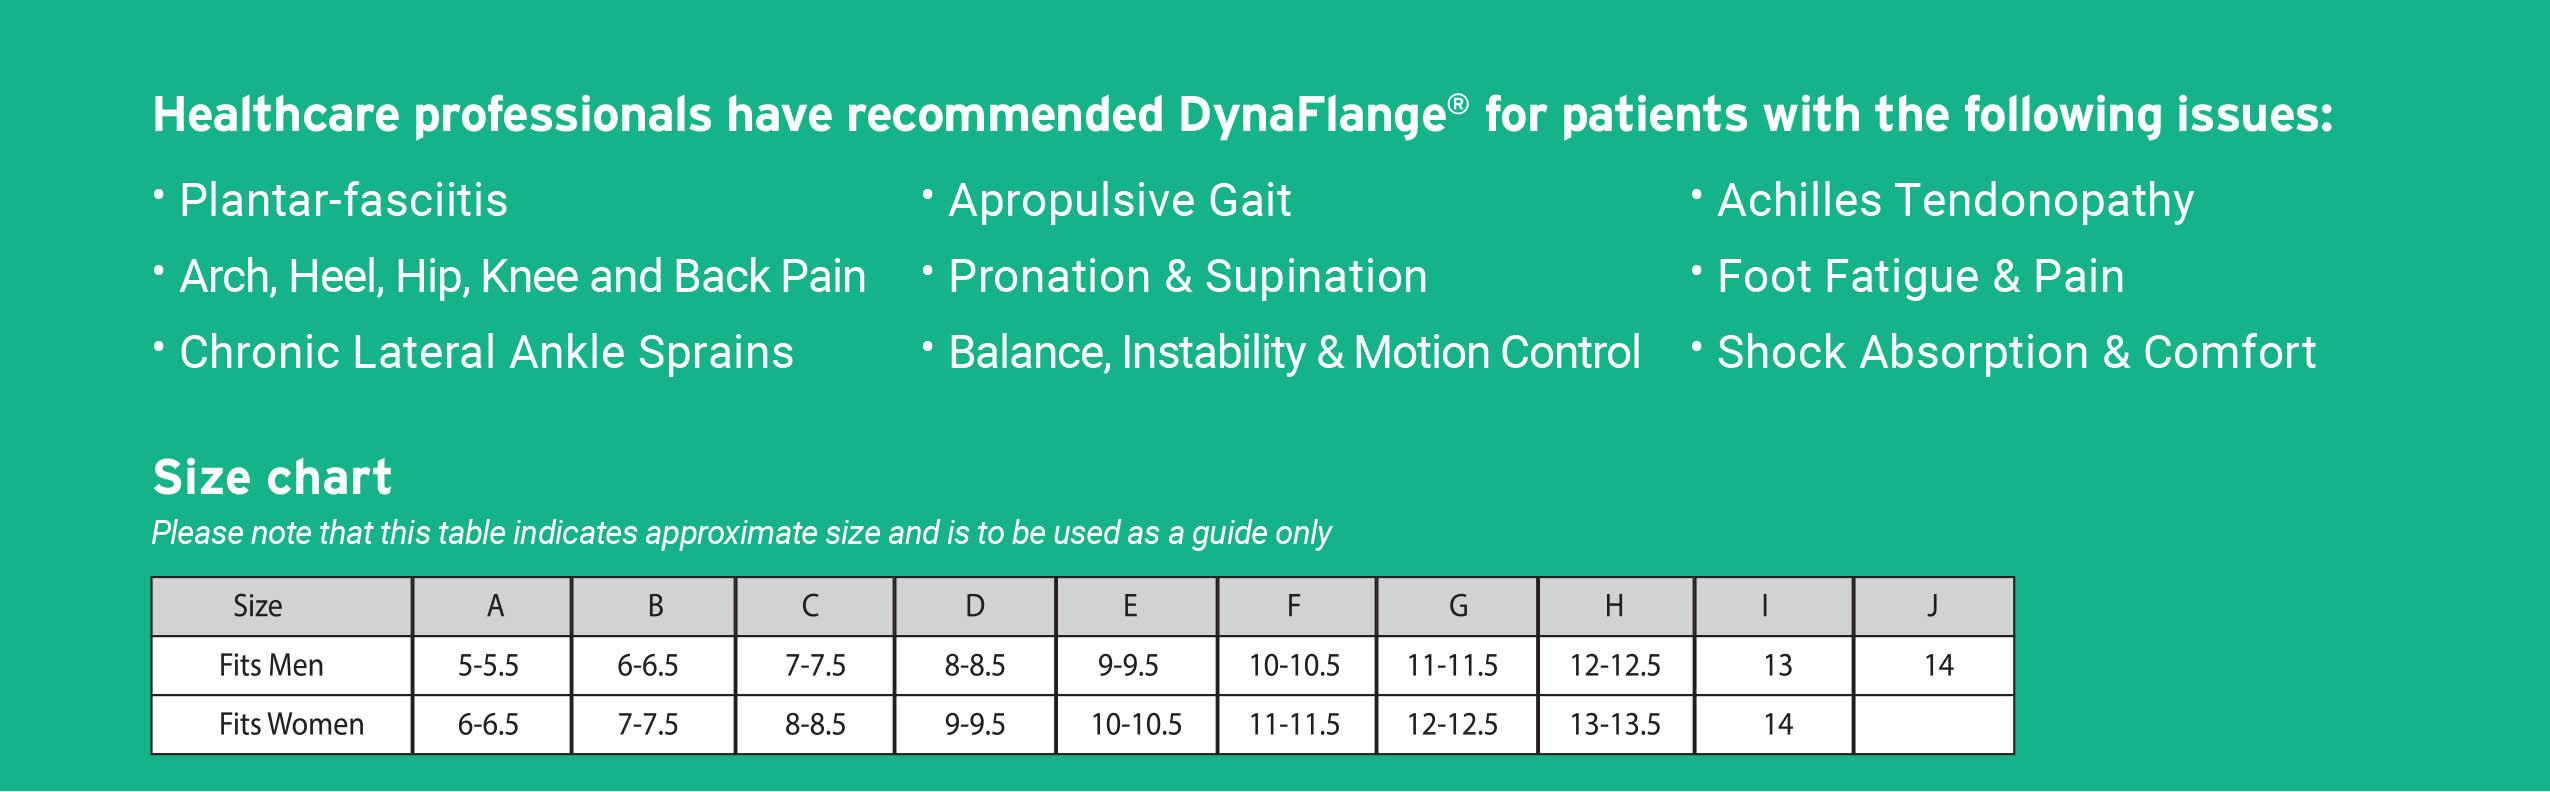 dynaflange-2.0-sizing-guide.jpg